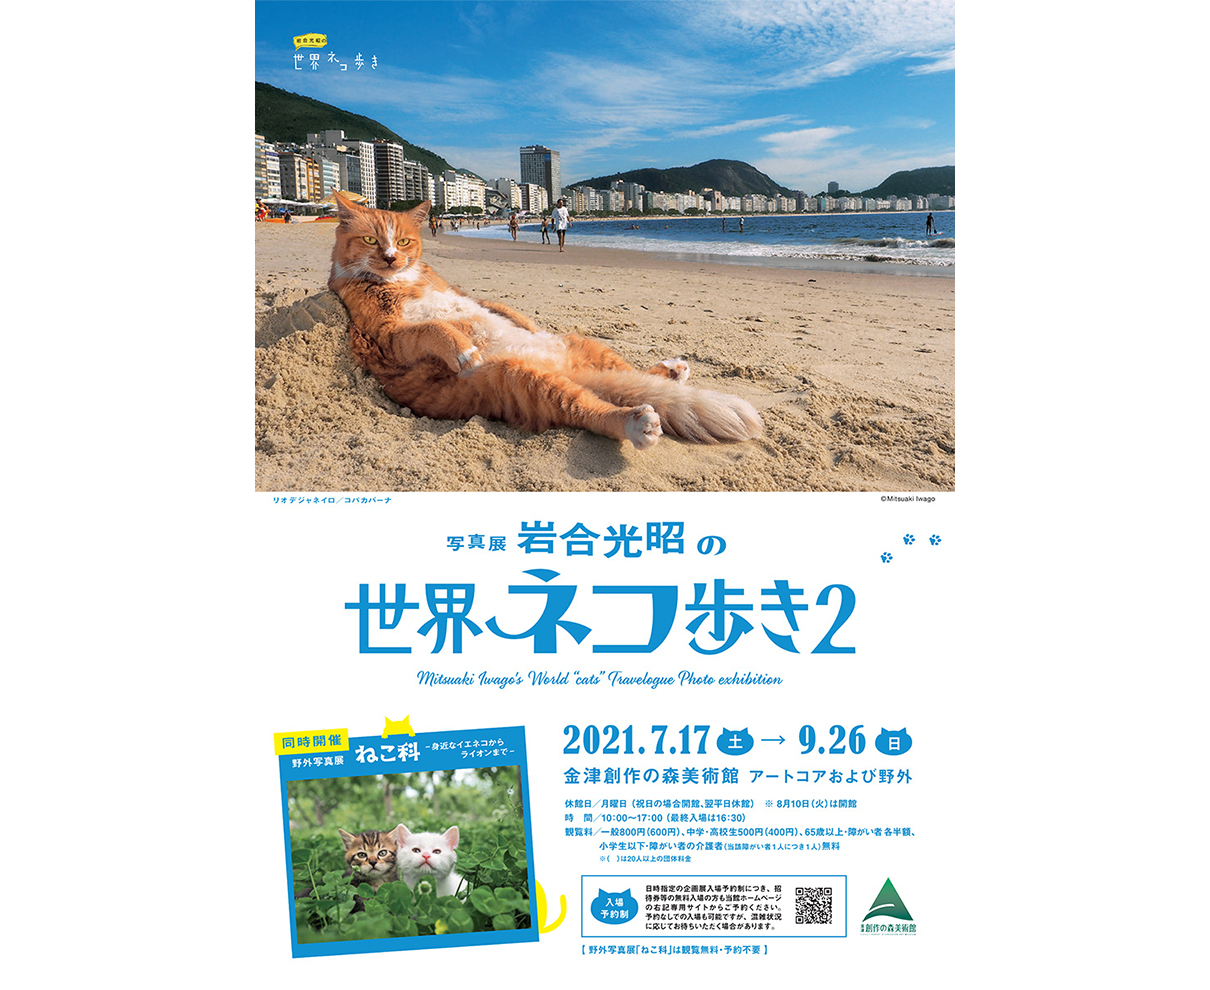 【7/17~9/26】「岩合光昭の世界ネコ歩き2」開催! 個性あふれるネコたちを見に行こう。